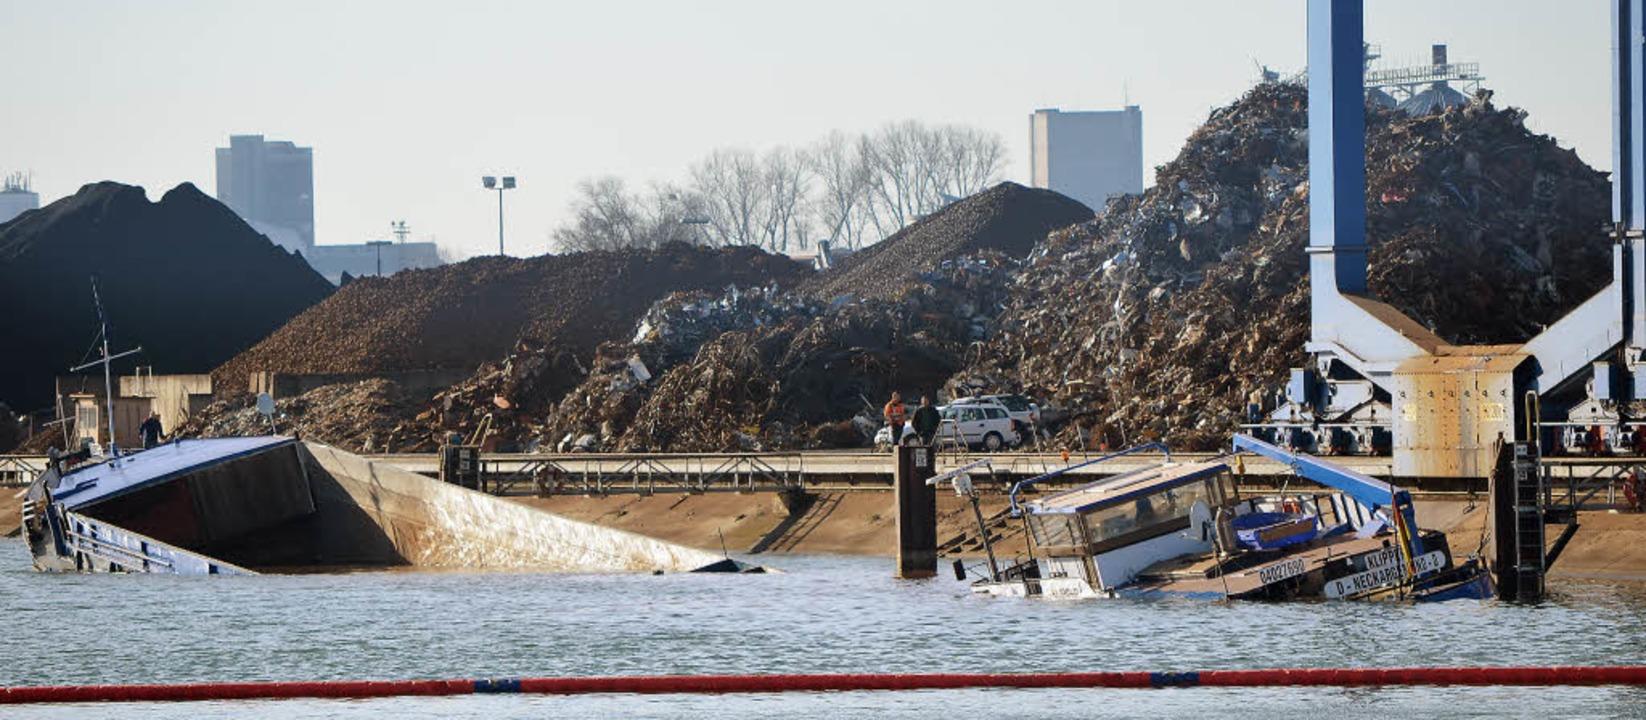 Warum das Lastschiff zerbrochen ist, i...e Wasserschutzpolizei Kehl ermittelt.     Foto: Julia Trauden /Stadt Kehl